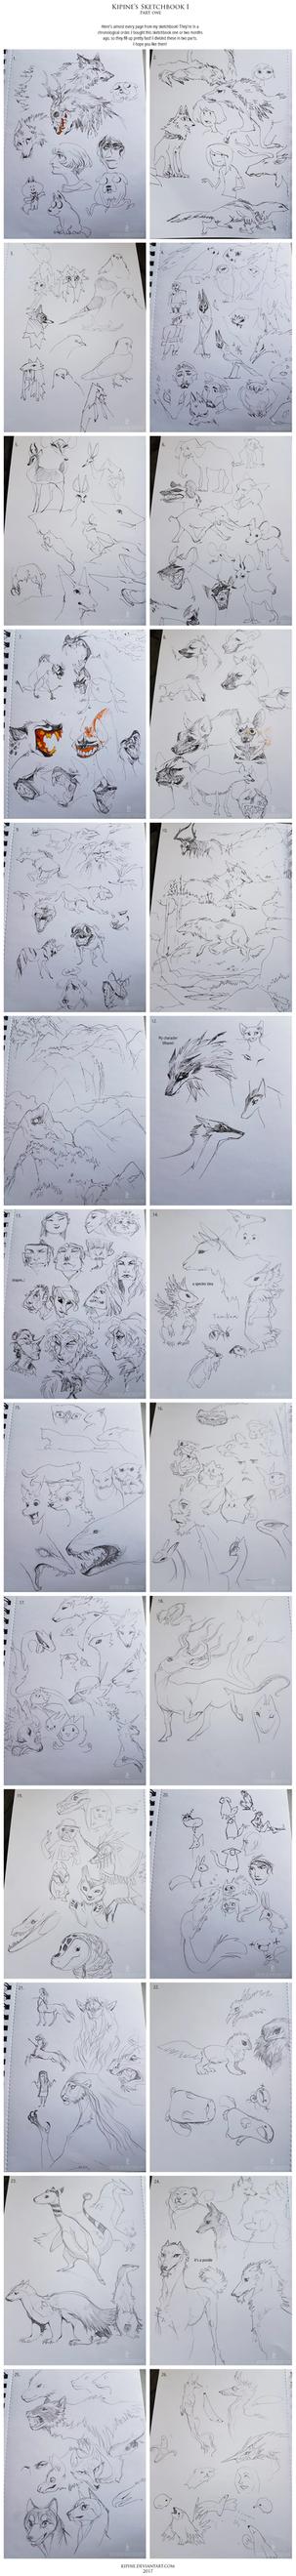 Sketchbook I (part 1/2) by Kipine